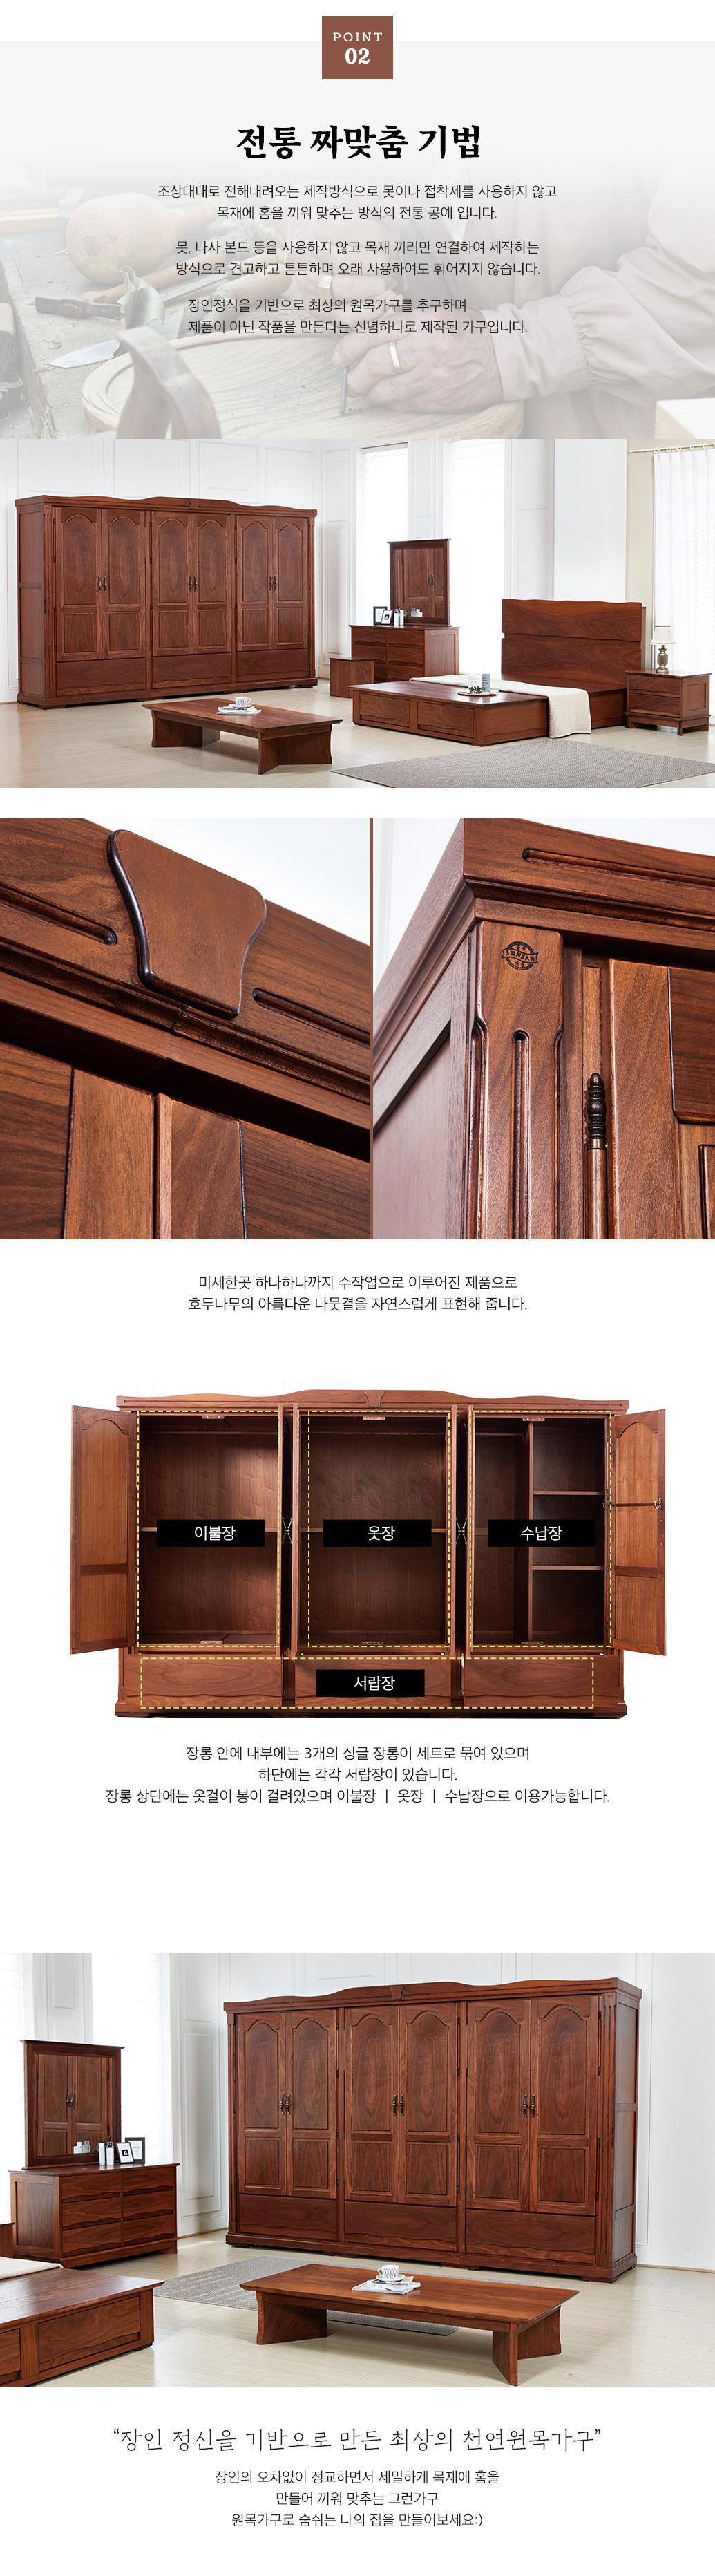 buffle_closet_03.jpg